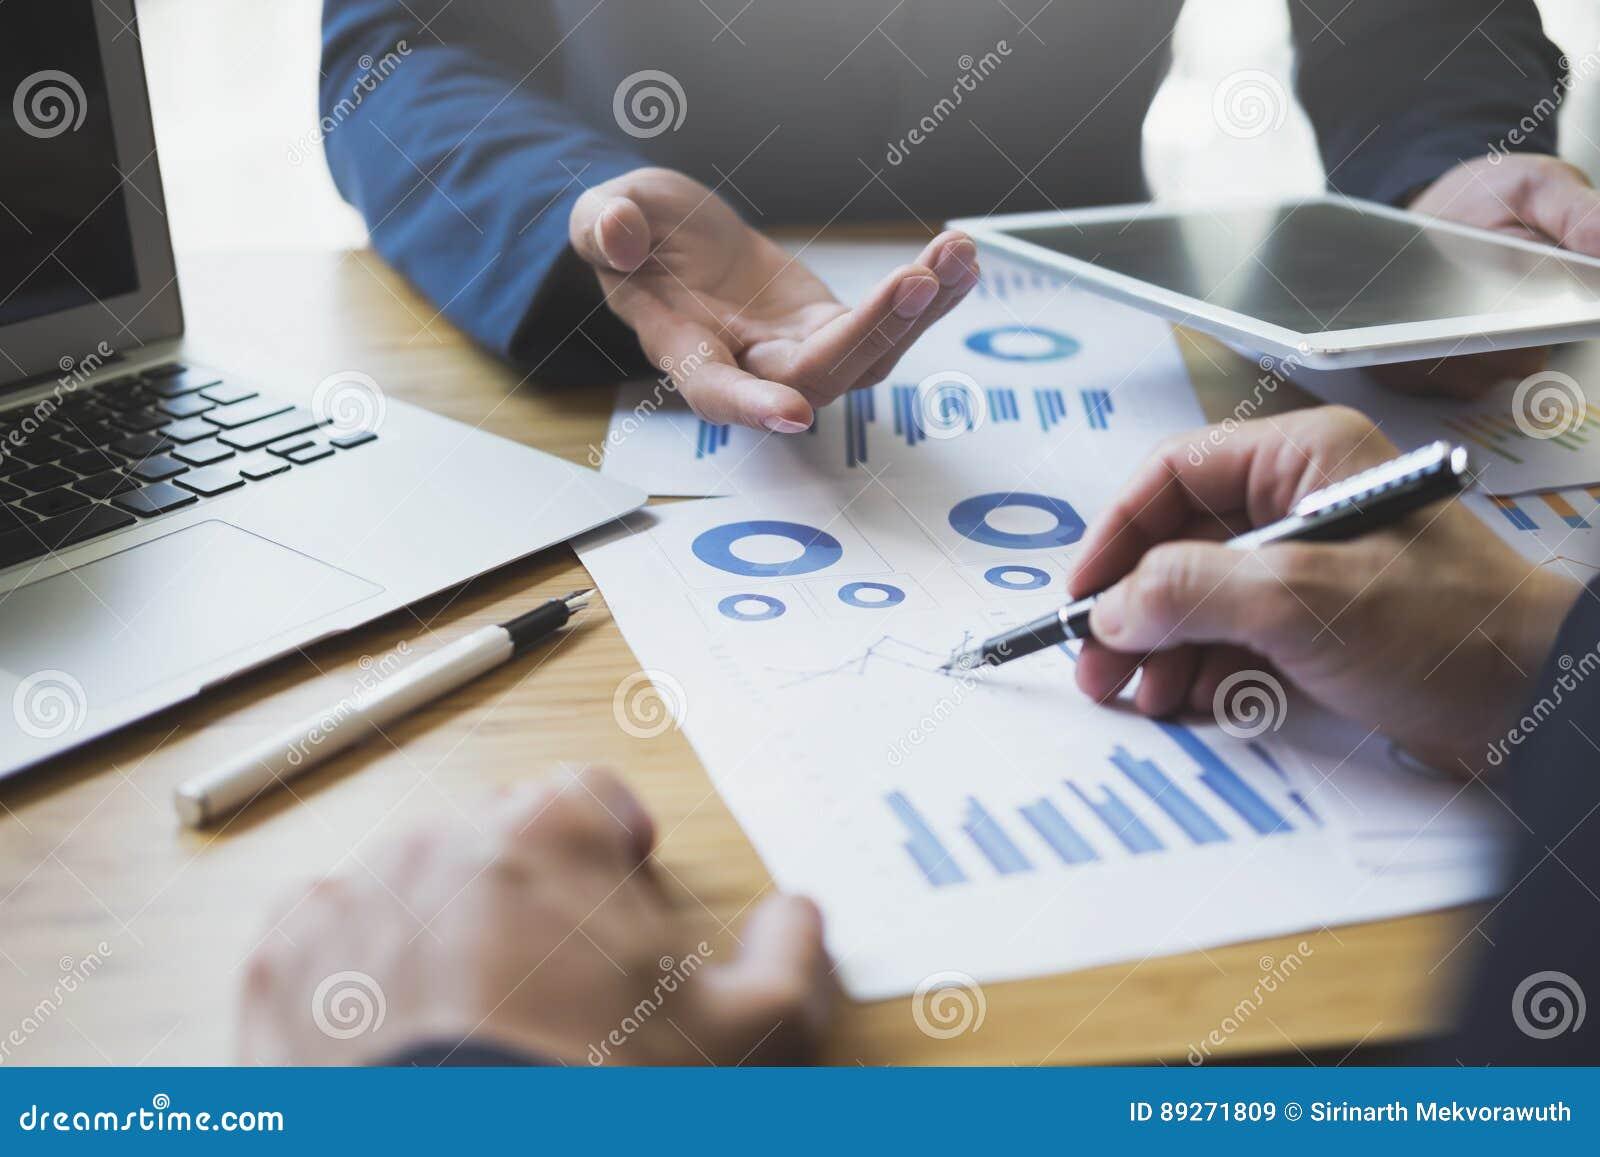 Equipe De Formation De Reunion D Analyse Commerciale Image Stock